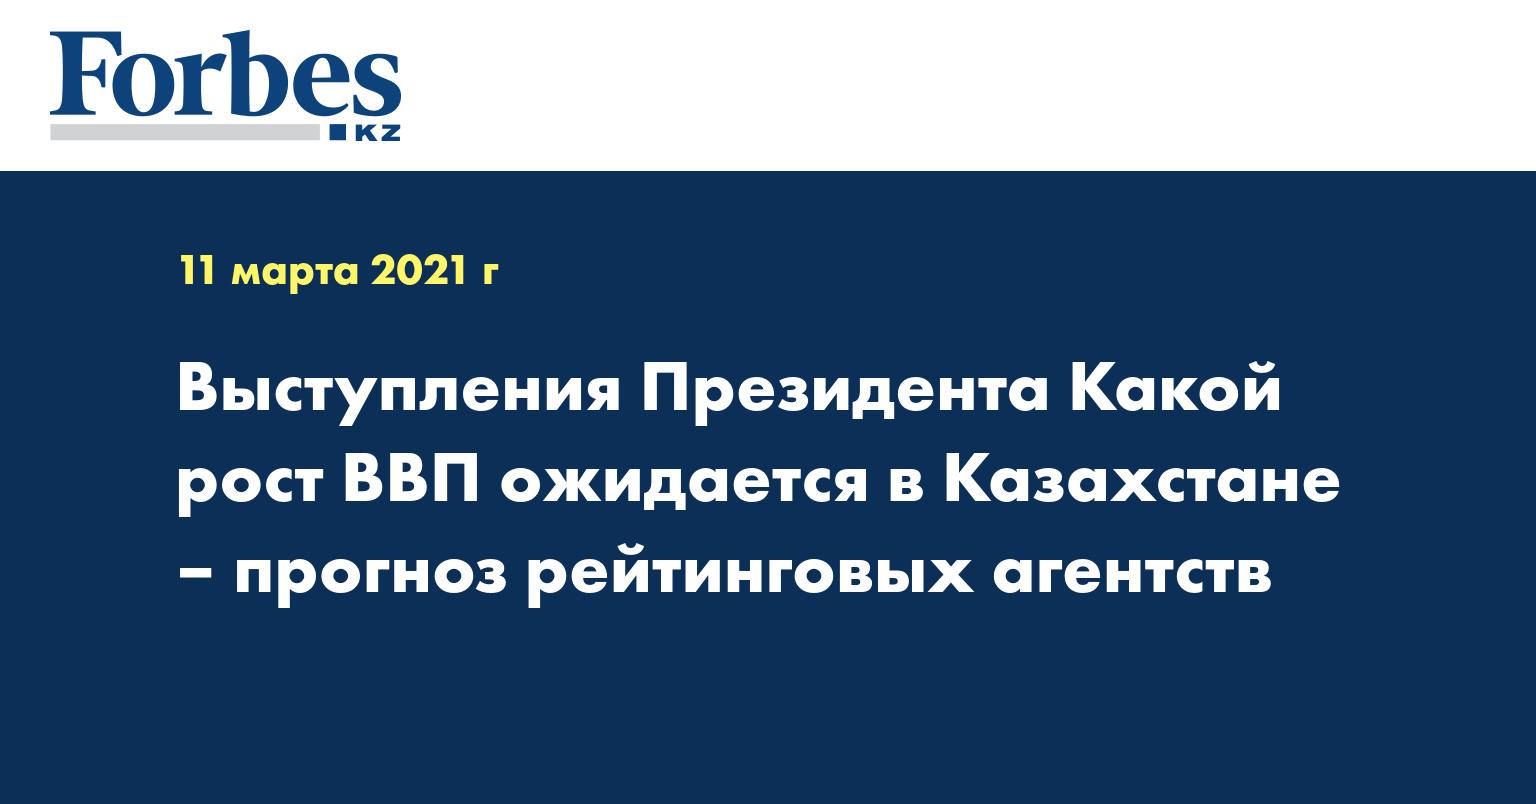 Какой рост ВВП ожидается в Казахстане – прогноз рейтинговых агентств